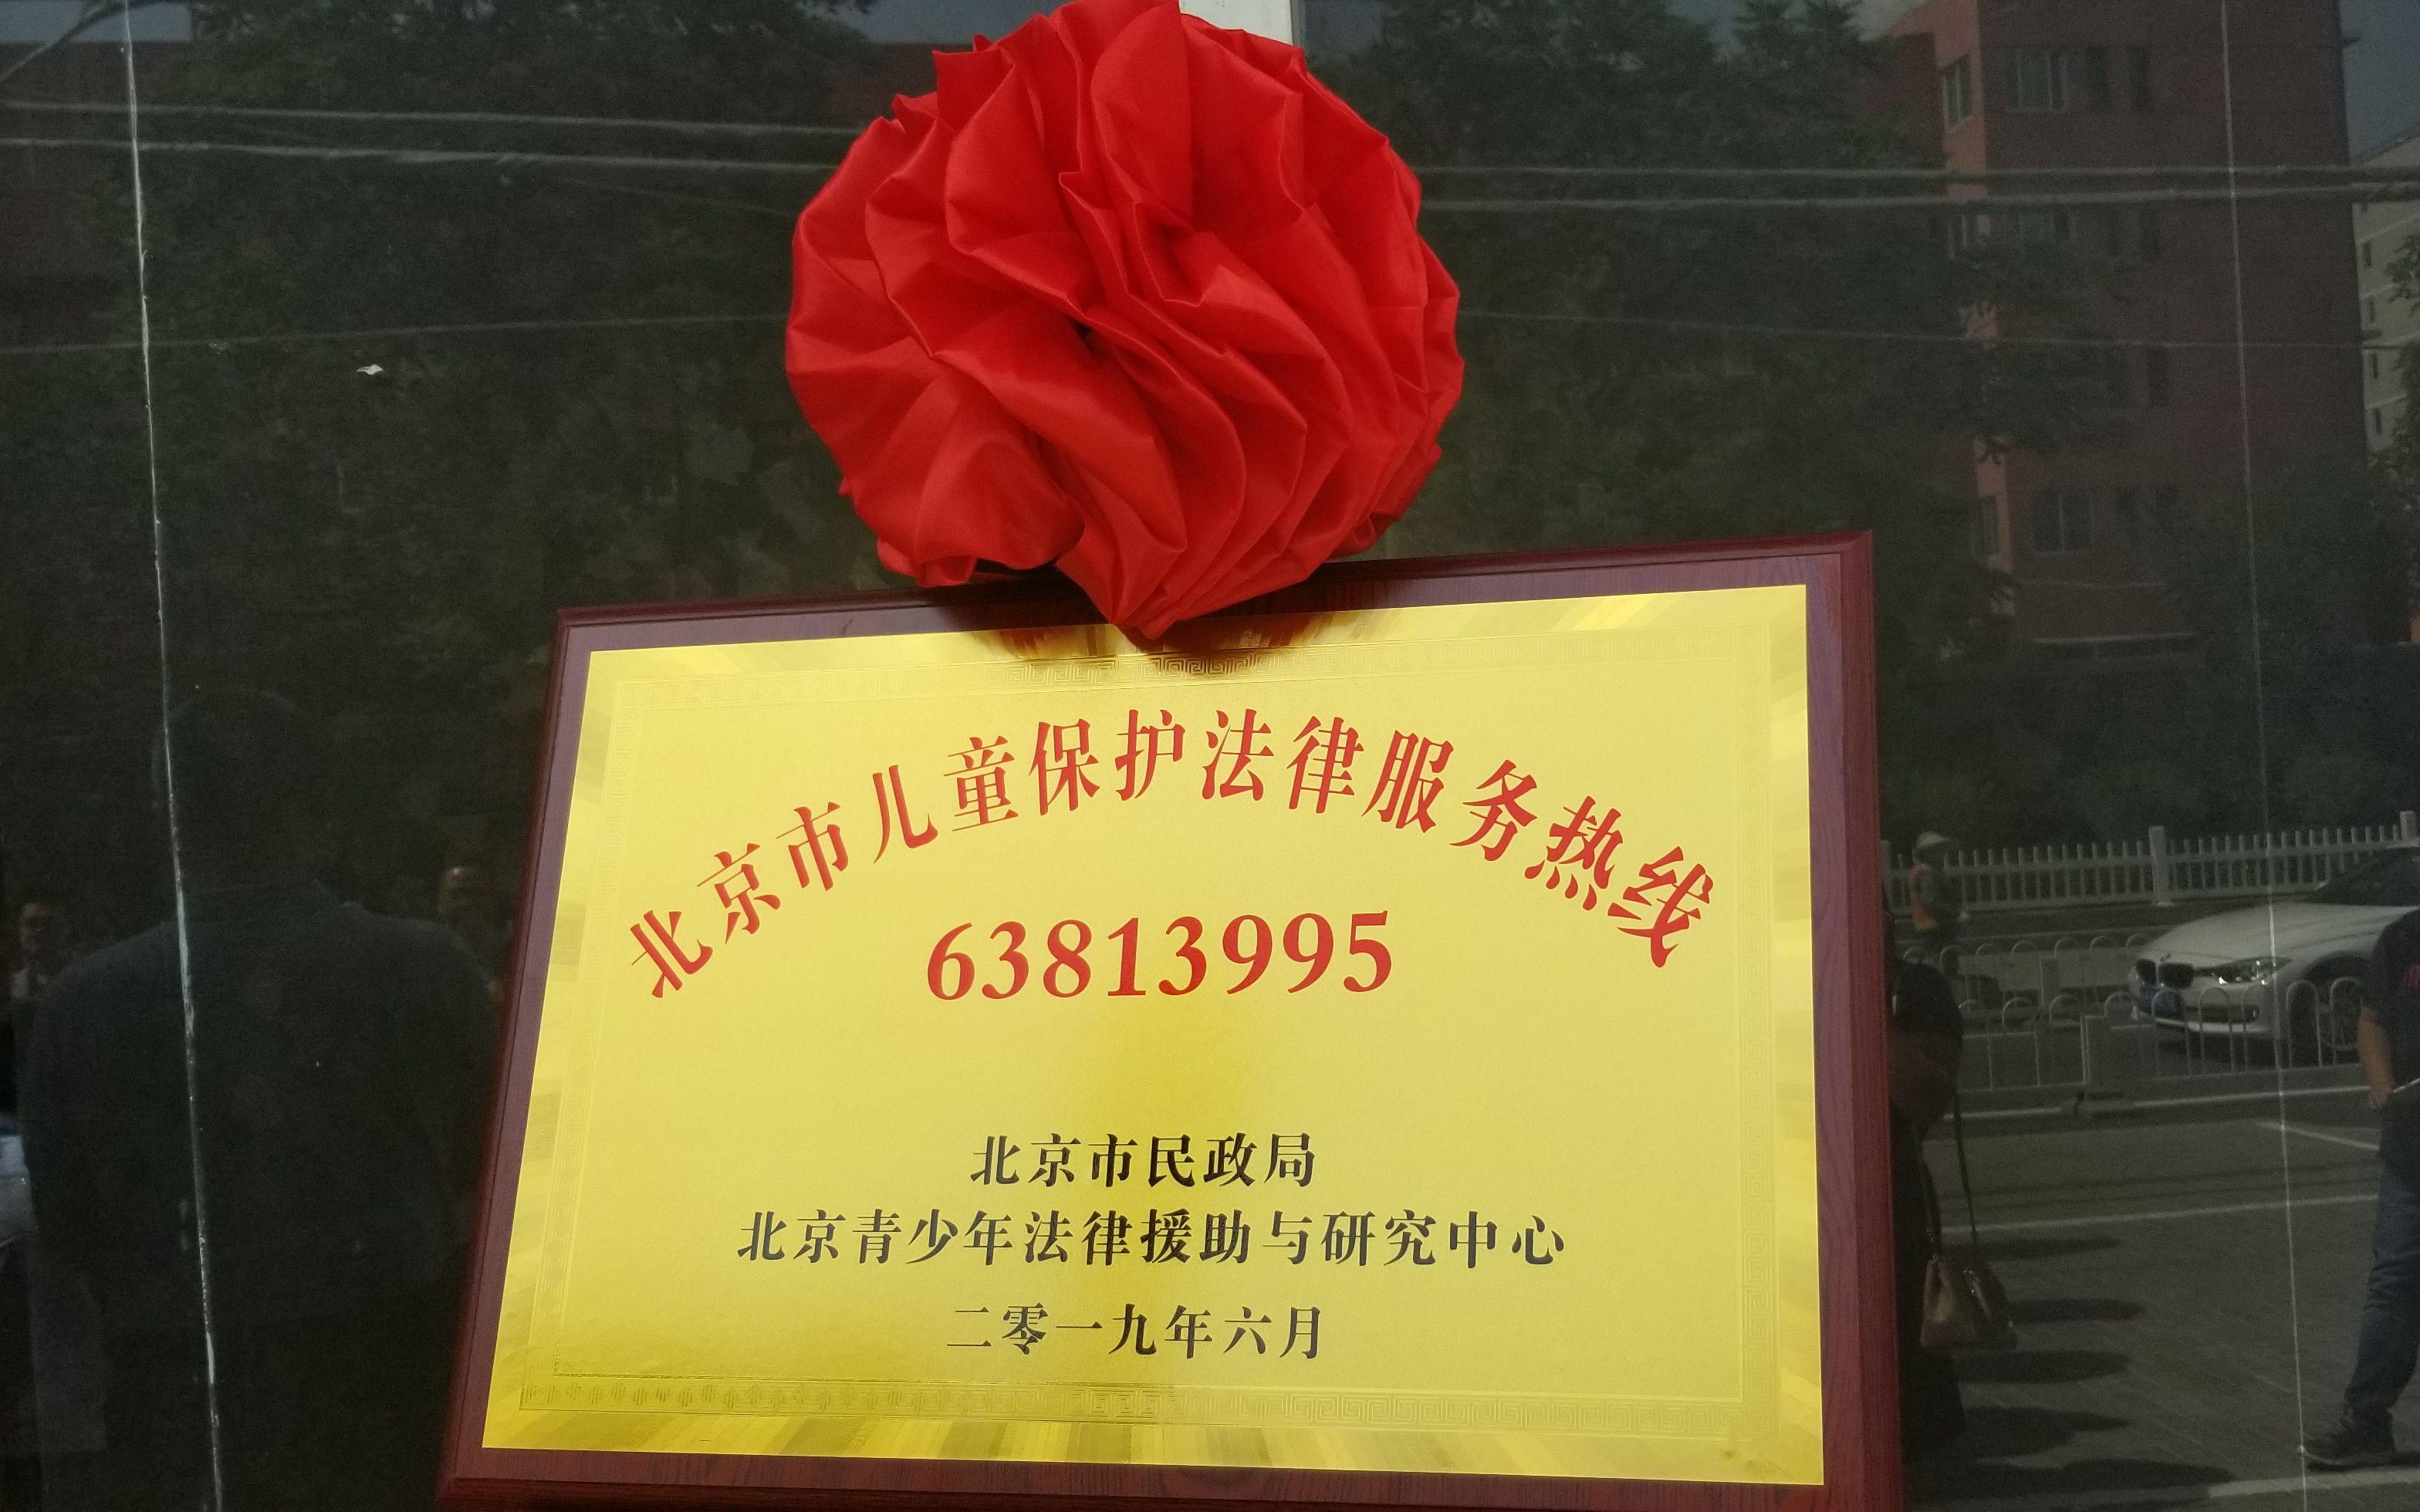 北京儿童保护法律服务乐游棋牌官网热线正式开通,接受举报